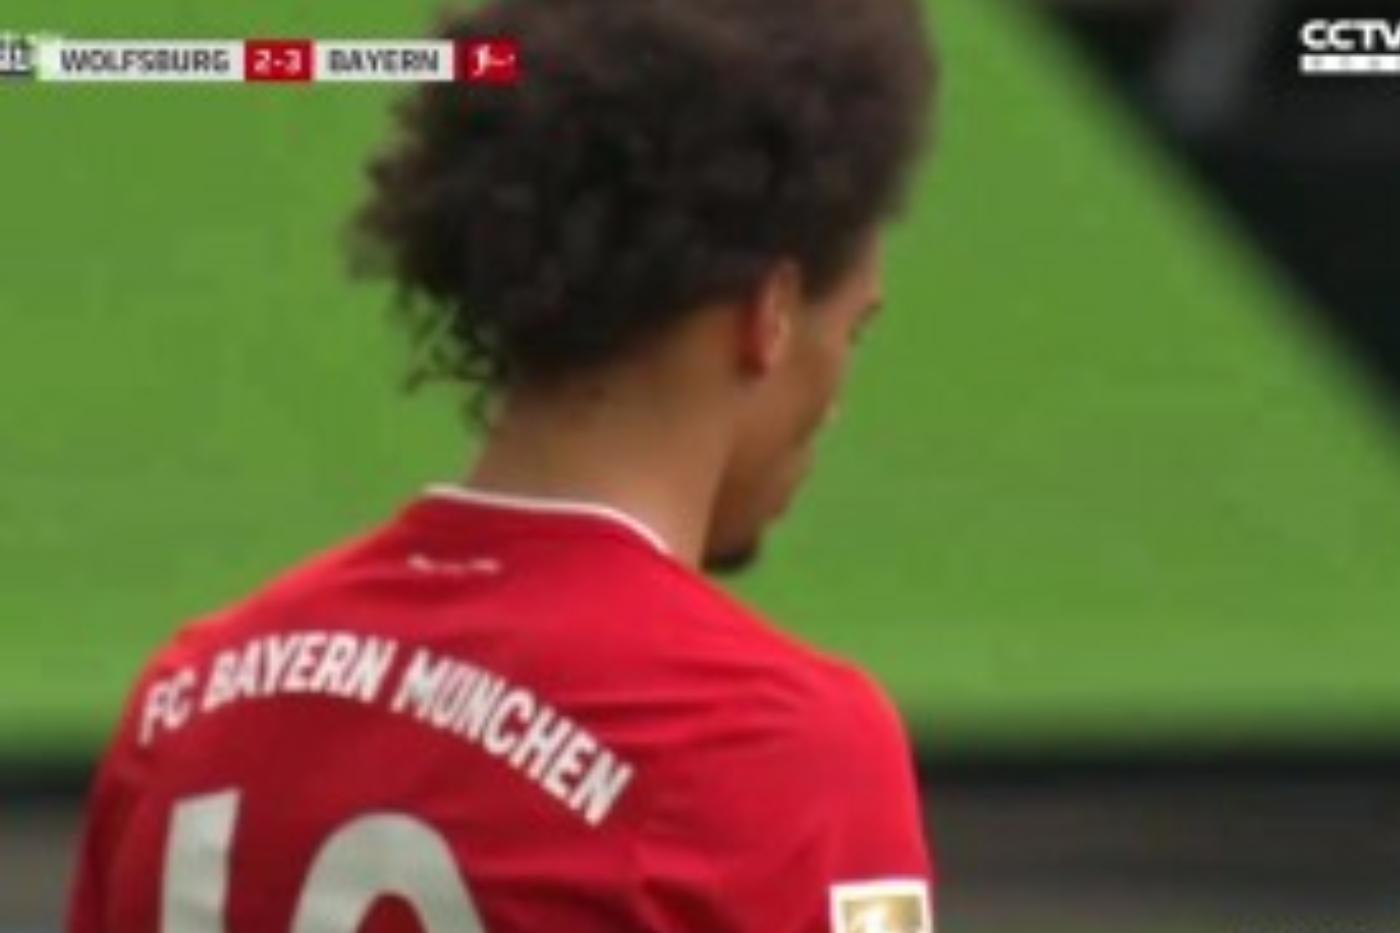 穆西亚拉双响舒波莫廷破门, 拜仁3-2联赛双杀狼堡-今球app官网